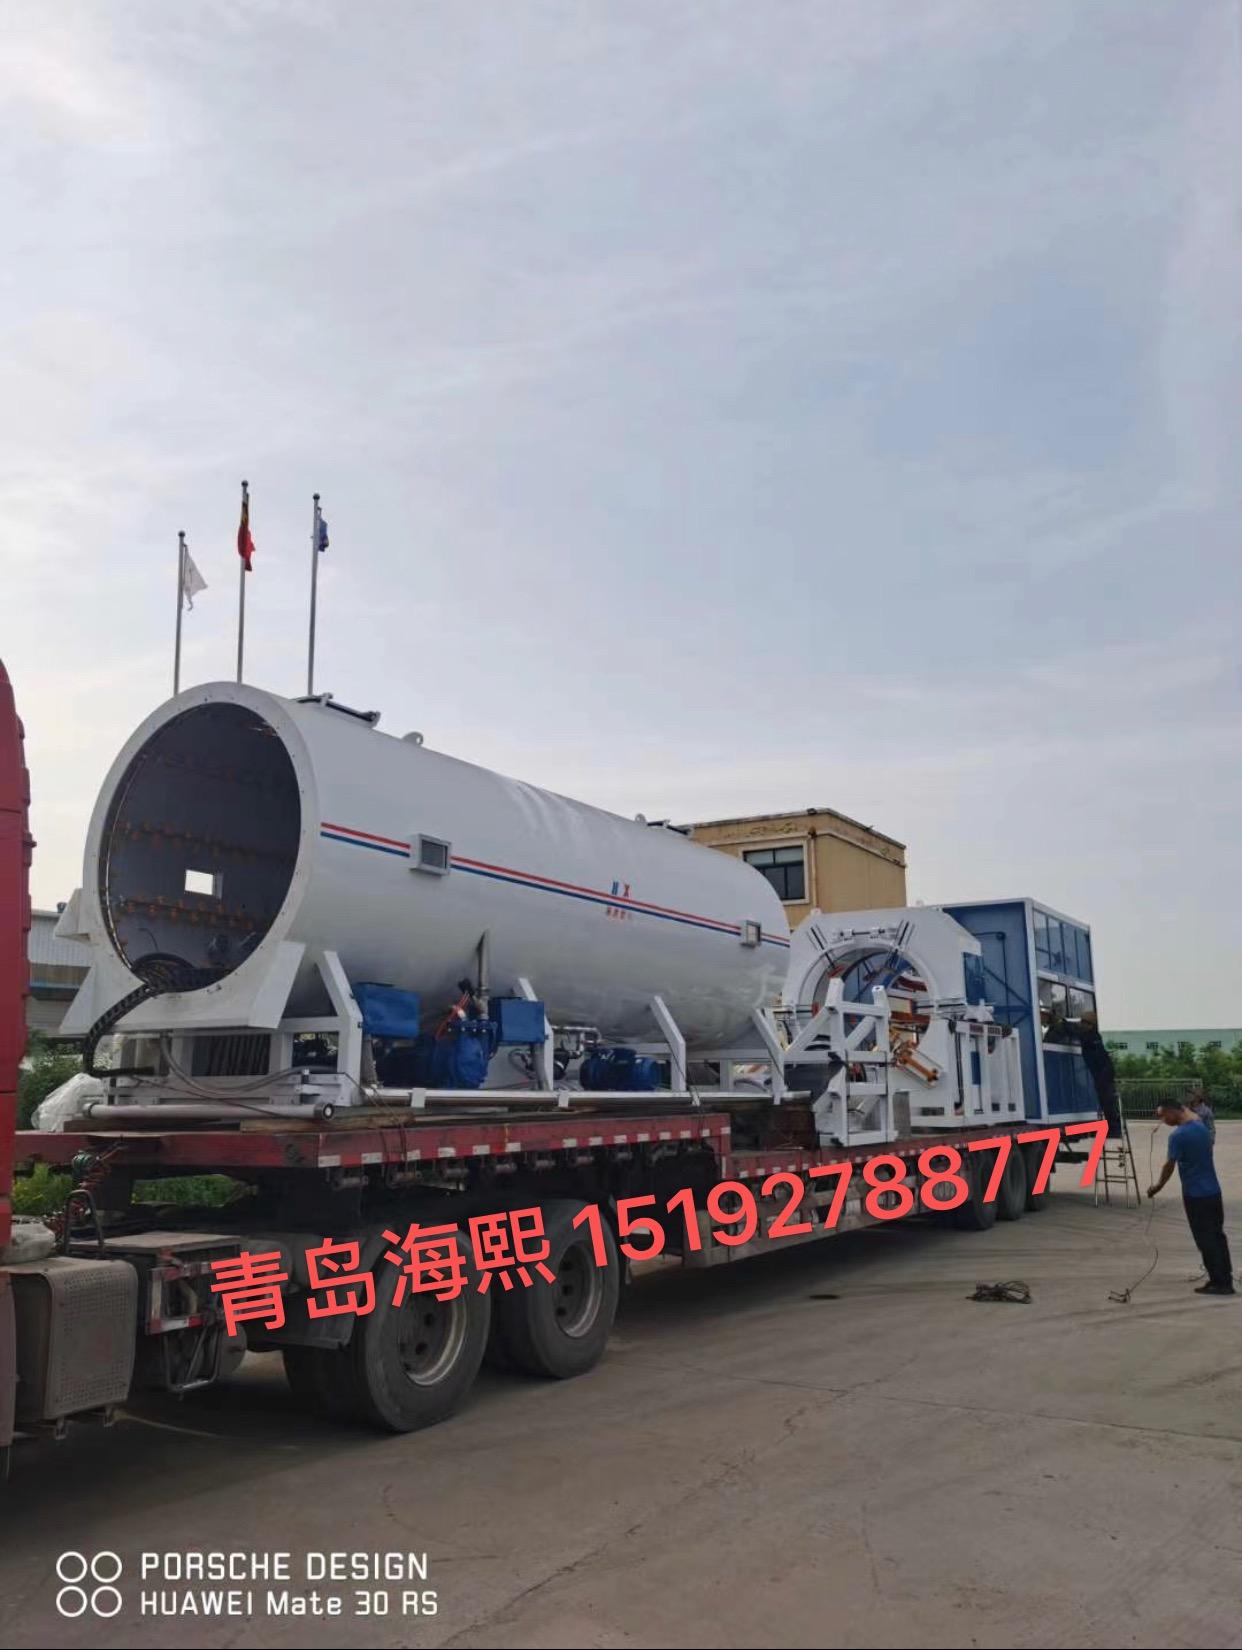 淄博國昶管道保溫防腐工程有限公司